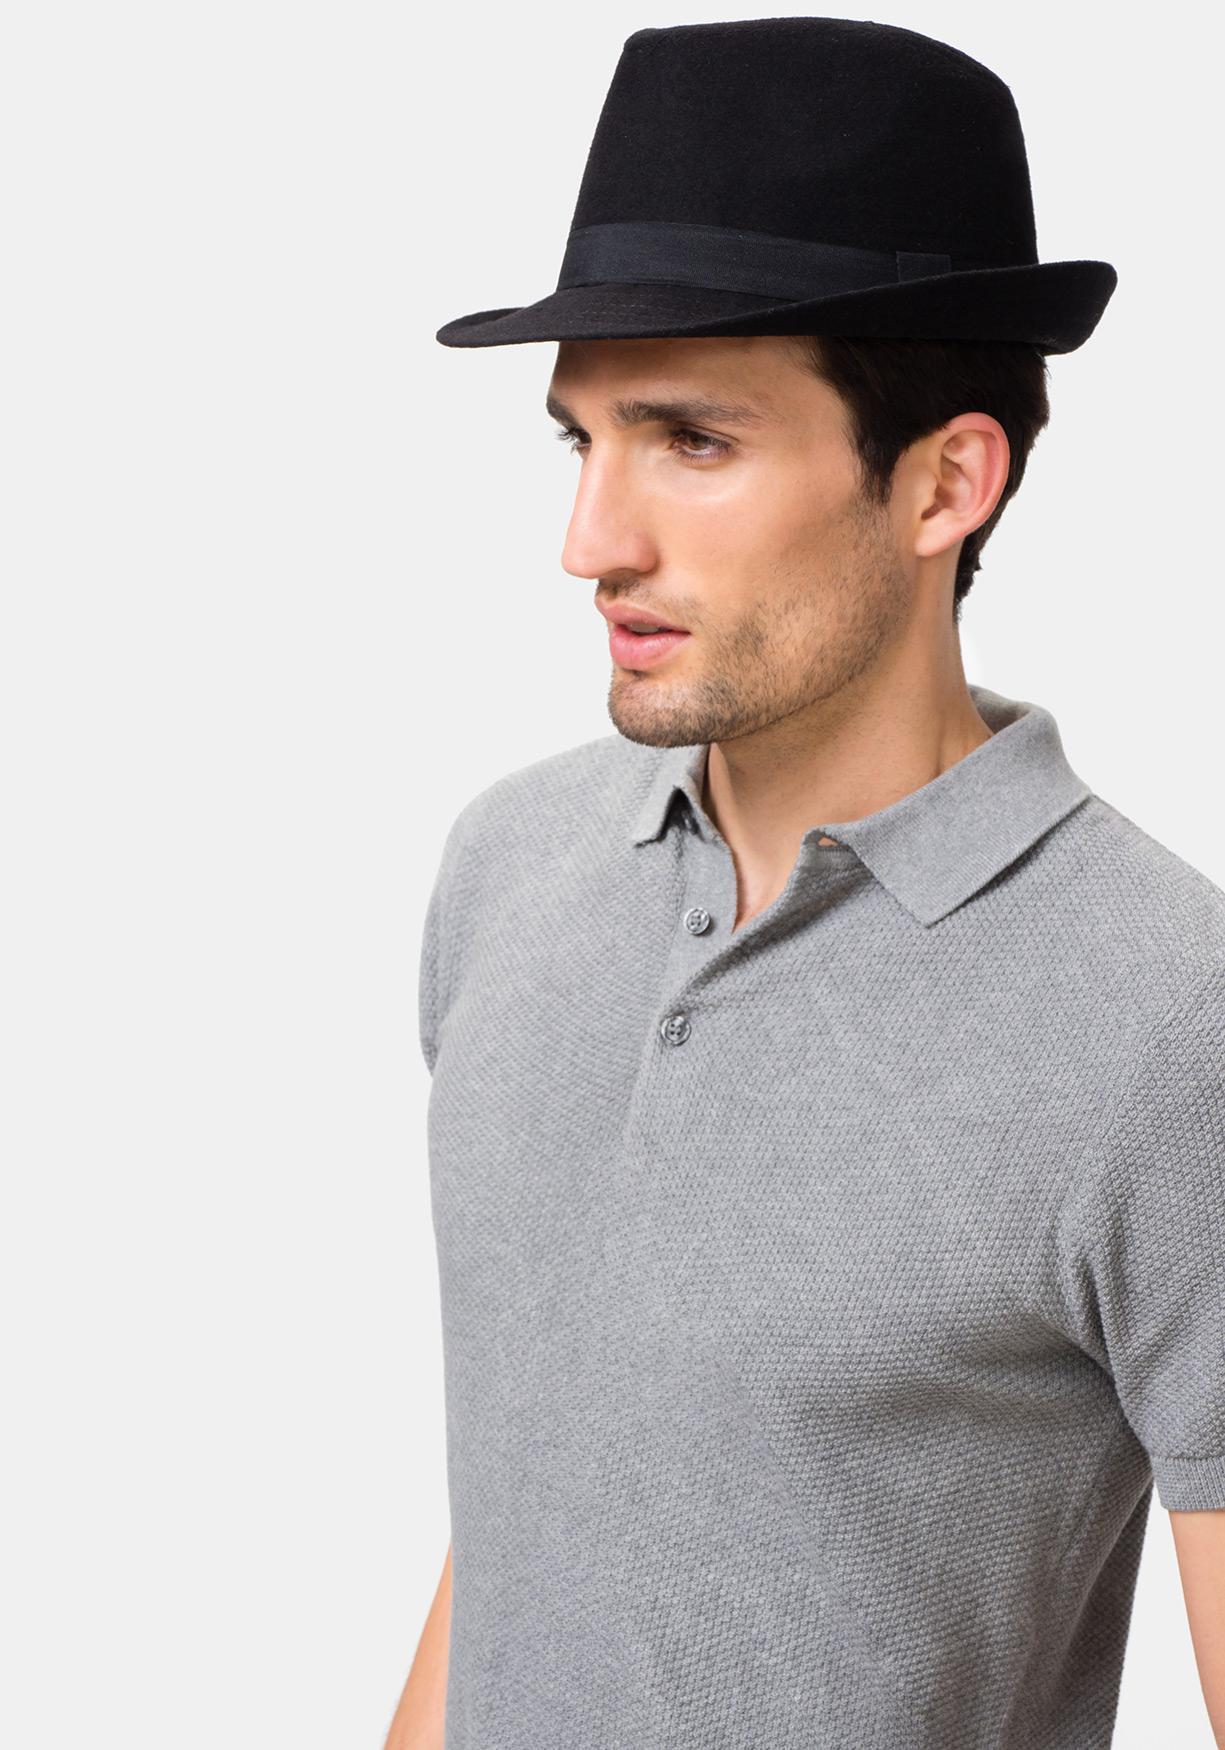 e74dfdf932892 Comprar Sombrero borsalino negro. ¡Aprovéchate de nuestros precios y ...